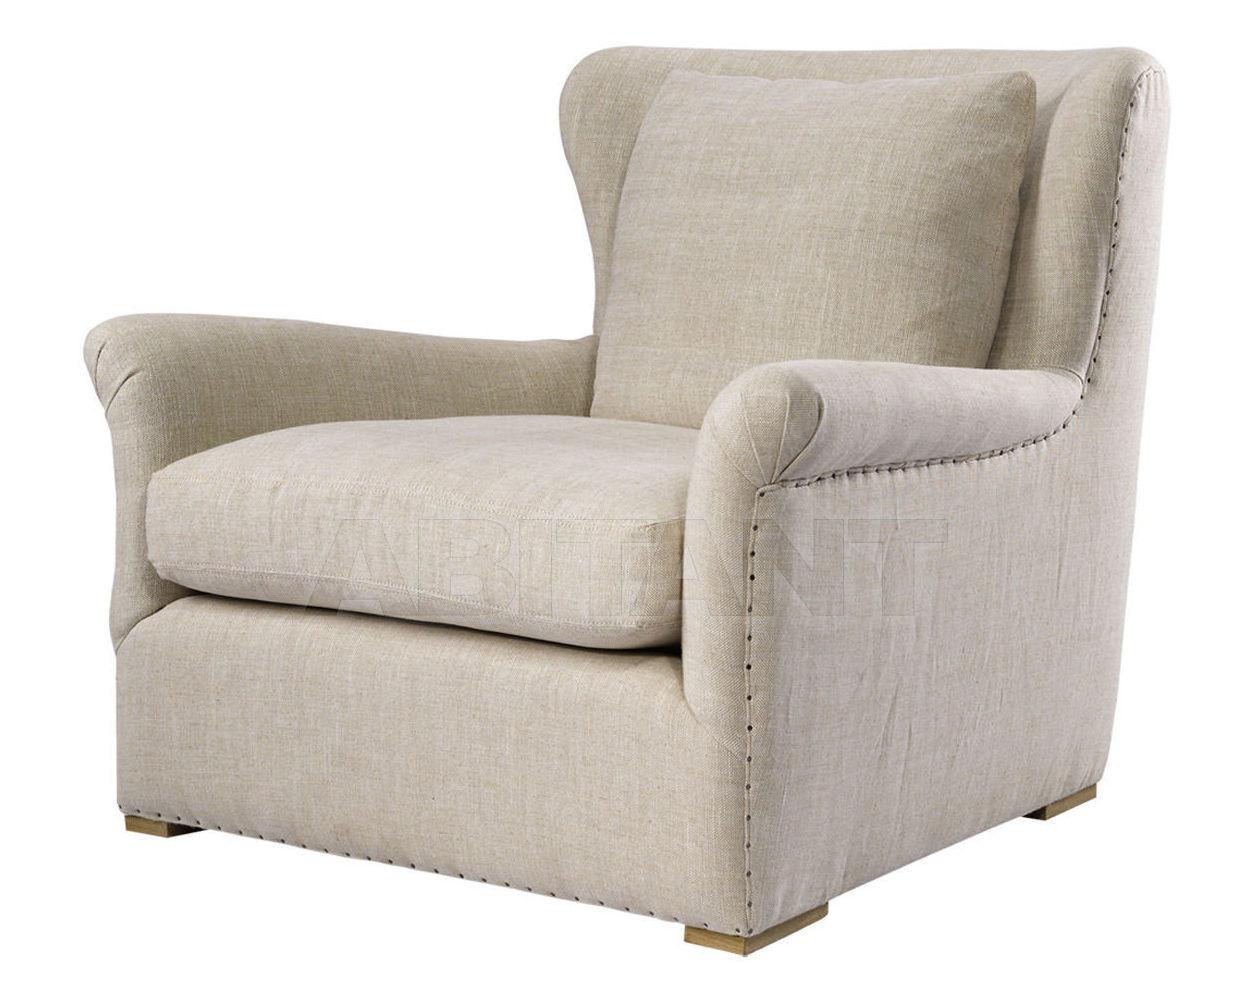 Купить Кресло Curations Limited 2013 7841.1003-1S-A015 Beige